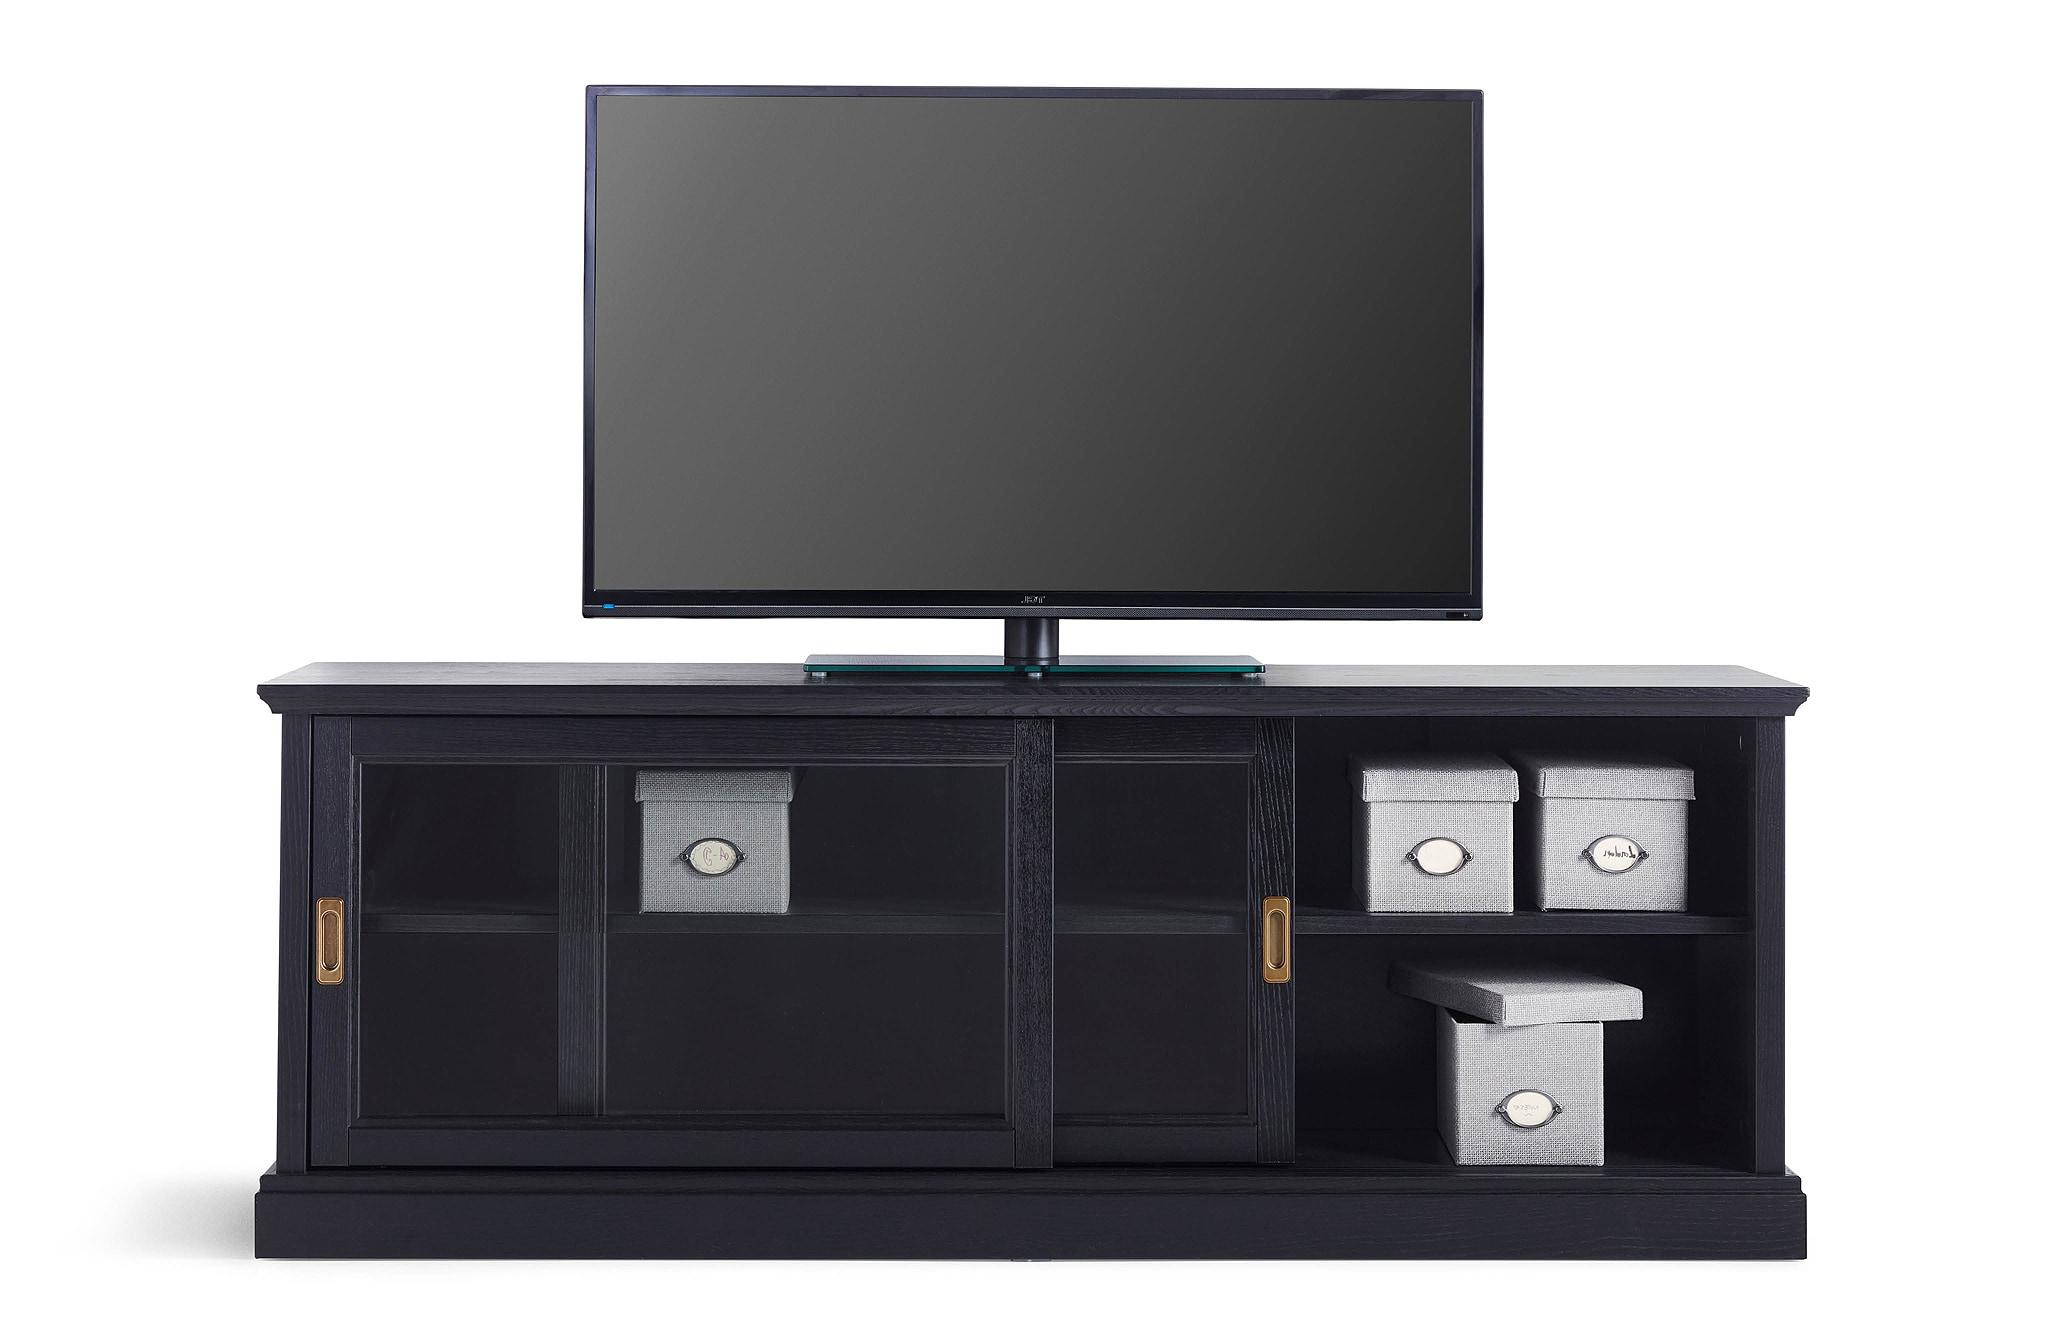 Mesas De Tv Ikea Xtd6 Muebles De Tv Y Muebles Para El Salà N Pra Online Ikea